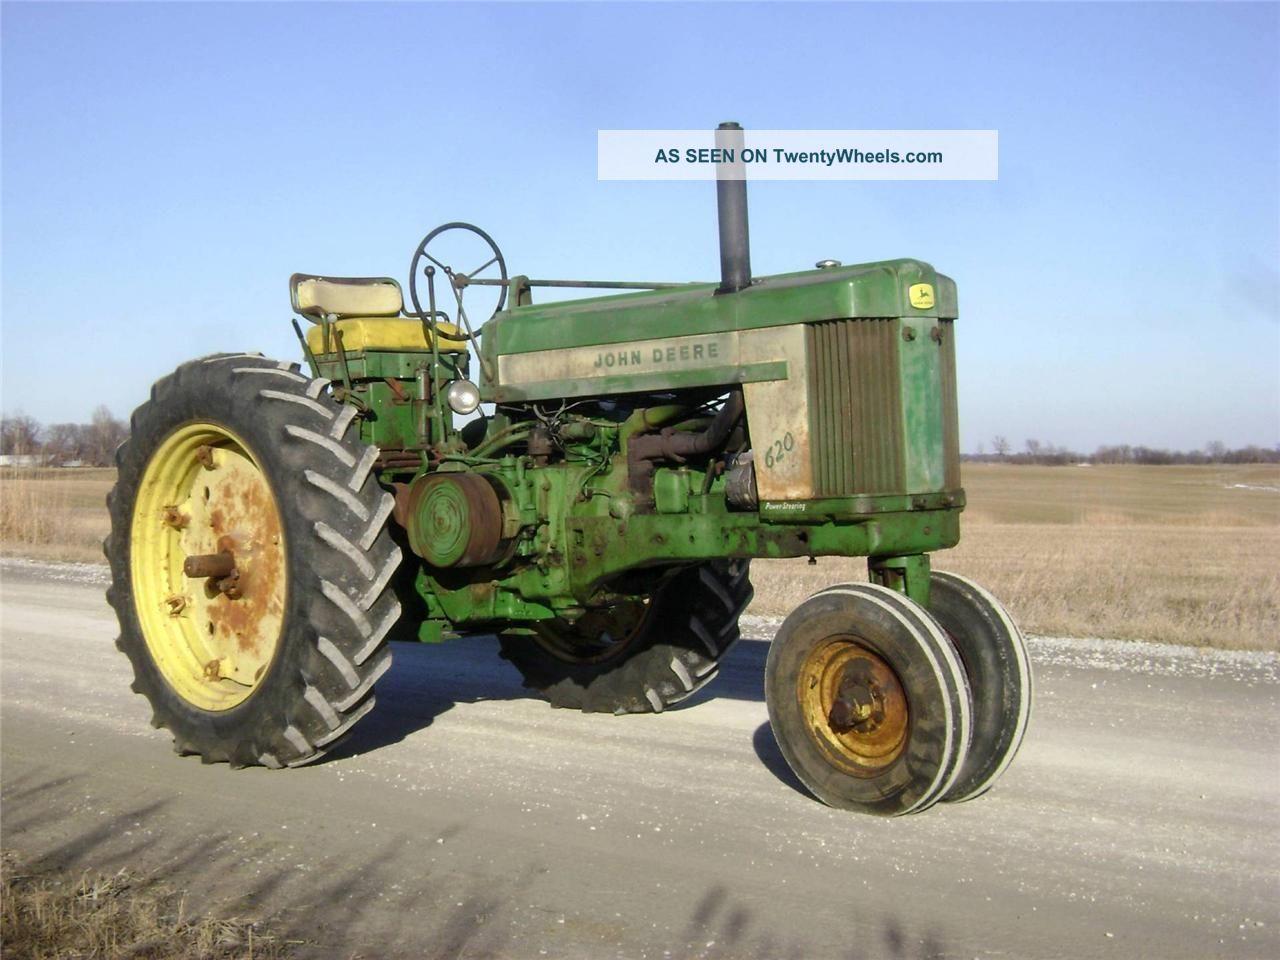 Jd Tractor Paint : John deere tractor paint